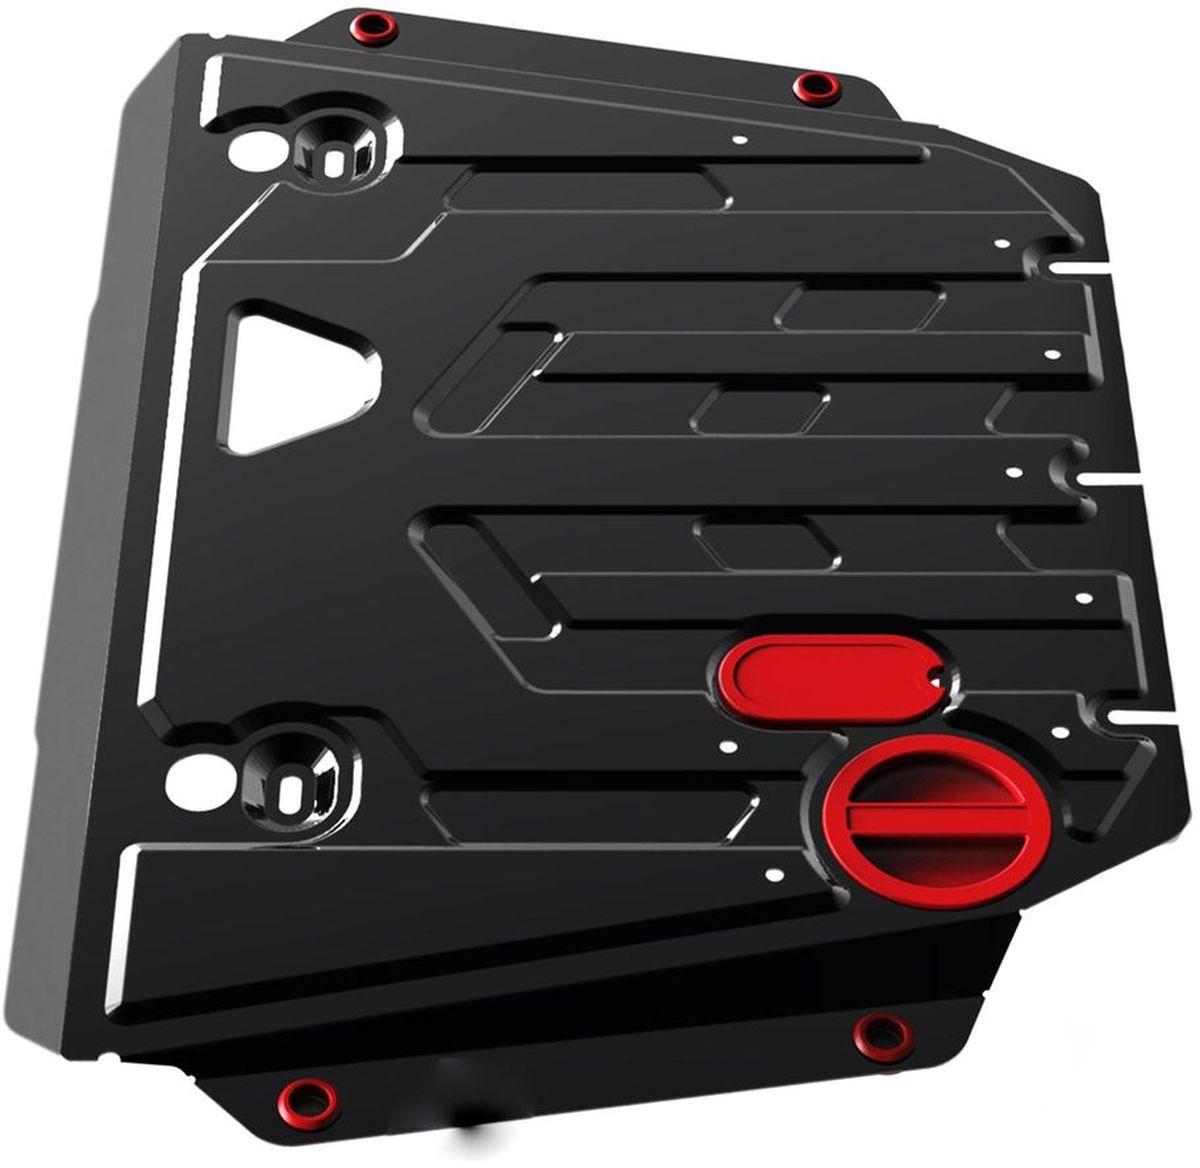 Защита картера и КПП Автоброня, для Honda Civic 4d, V - 1,8 (2012)CA-3505Технологически совершенный продукт за невысокую стоимость.Защита разработана с учетом особенностей днища автомобиля, что позволяет сохранить дорожный просвет с минимальным изменением.Защита устанавливается в штатные места кузова автомобиля. Глубокий штамп обеспечивает до двух раз больше жесткости в сравнении с обычной защитой той же толщины. Проштампованные ребра жесткости препятствуют деформации защиты при ударах.Тепловой зазор и вентиляционные отверстия обеспечивают сохранение температурного режима двигателя в норме. Скрытый крепеж предотвращает срыв крепежных элементов при наезде на препятствие.Шумопоглощающие резиновые элементы обеспечивают комфортную езду без вибраций и скрежета металла, а съемные лючки для слива масла и замены фильтра - экономию средств и время.Конструкция изделия не влияет на пассивную безопасность автомобиля (при ударе защита не воздействует на деформационные зоны кузова). Со штатным крепежом. В комплекте инструкция по установке.Толщина стали: 2 мм.Уважаемые клиенты!Обращаем ваше внимание, что элемент защиты имеет форму, соответствующую модели данного автомобиля. Фото служит для визуального восприятия товара и может отличаться от фактического.